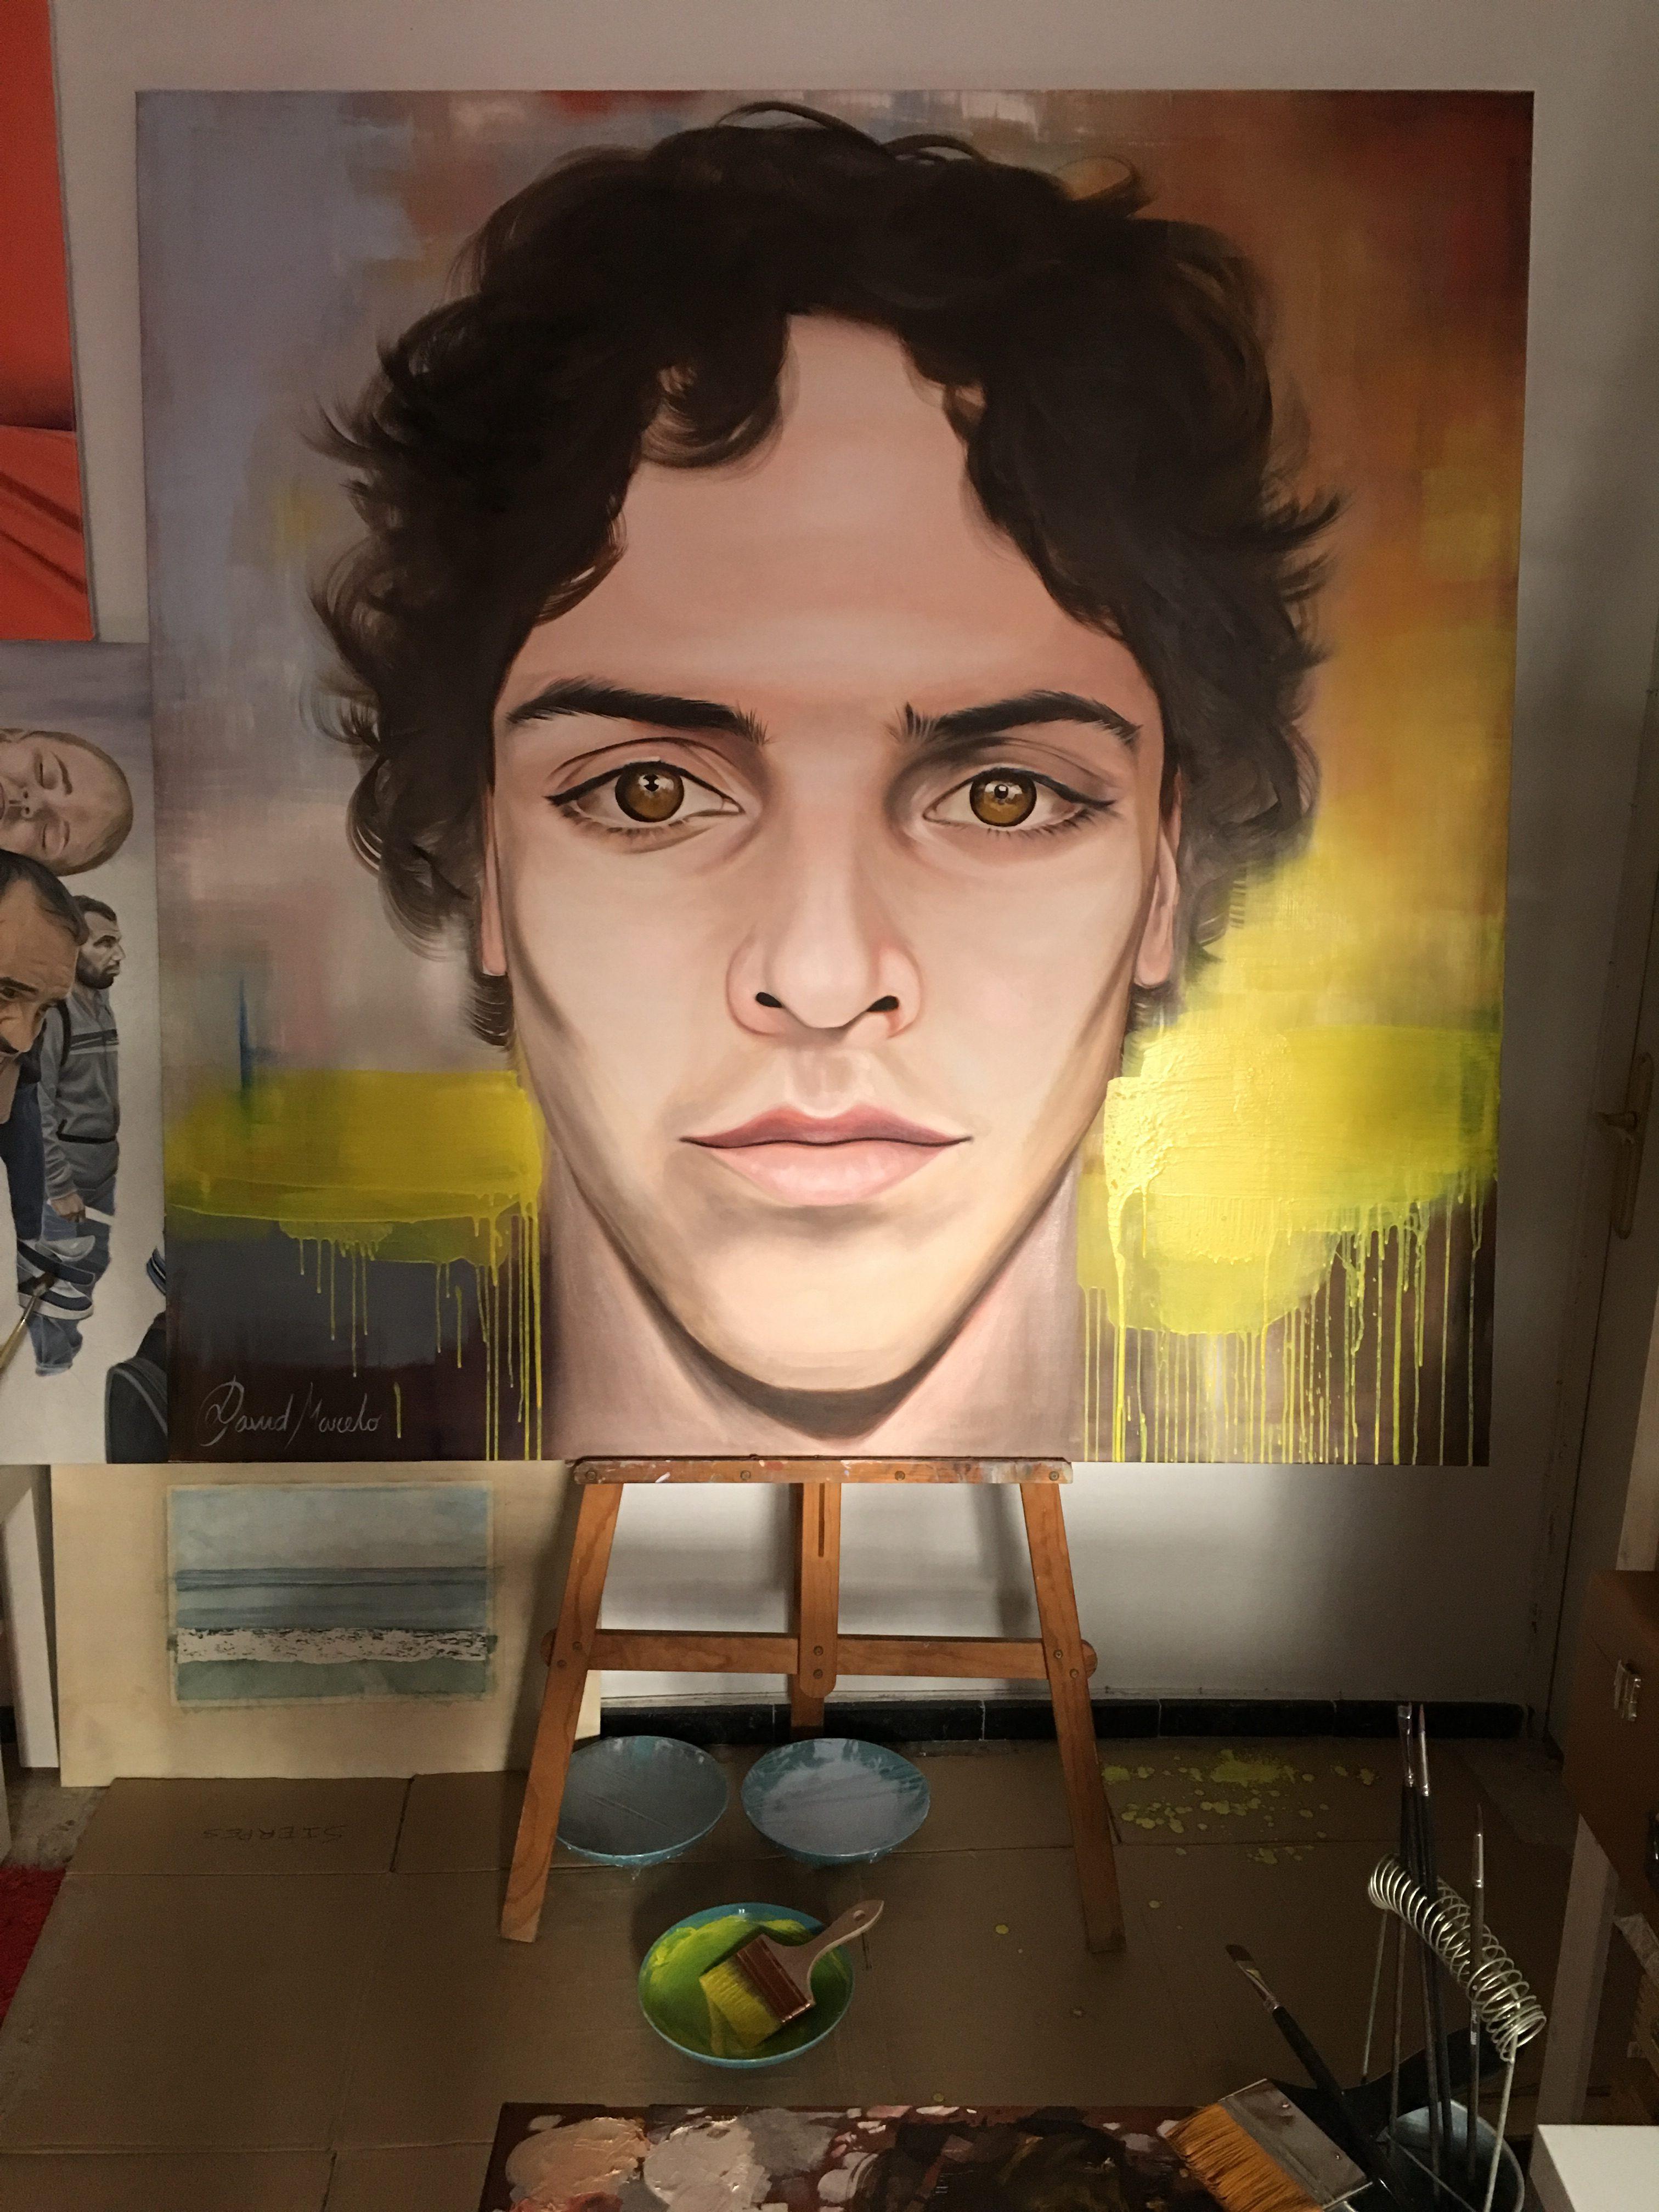 Pintura de Horizonte. Autorretrato de David Marcelo en el estudio